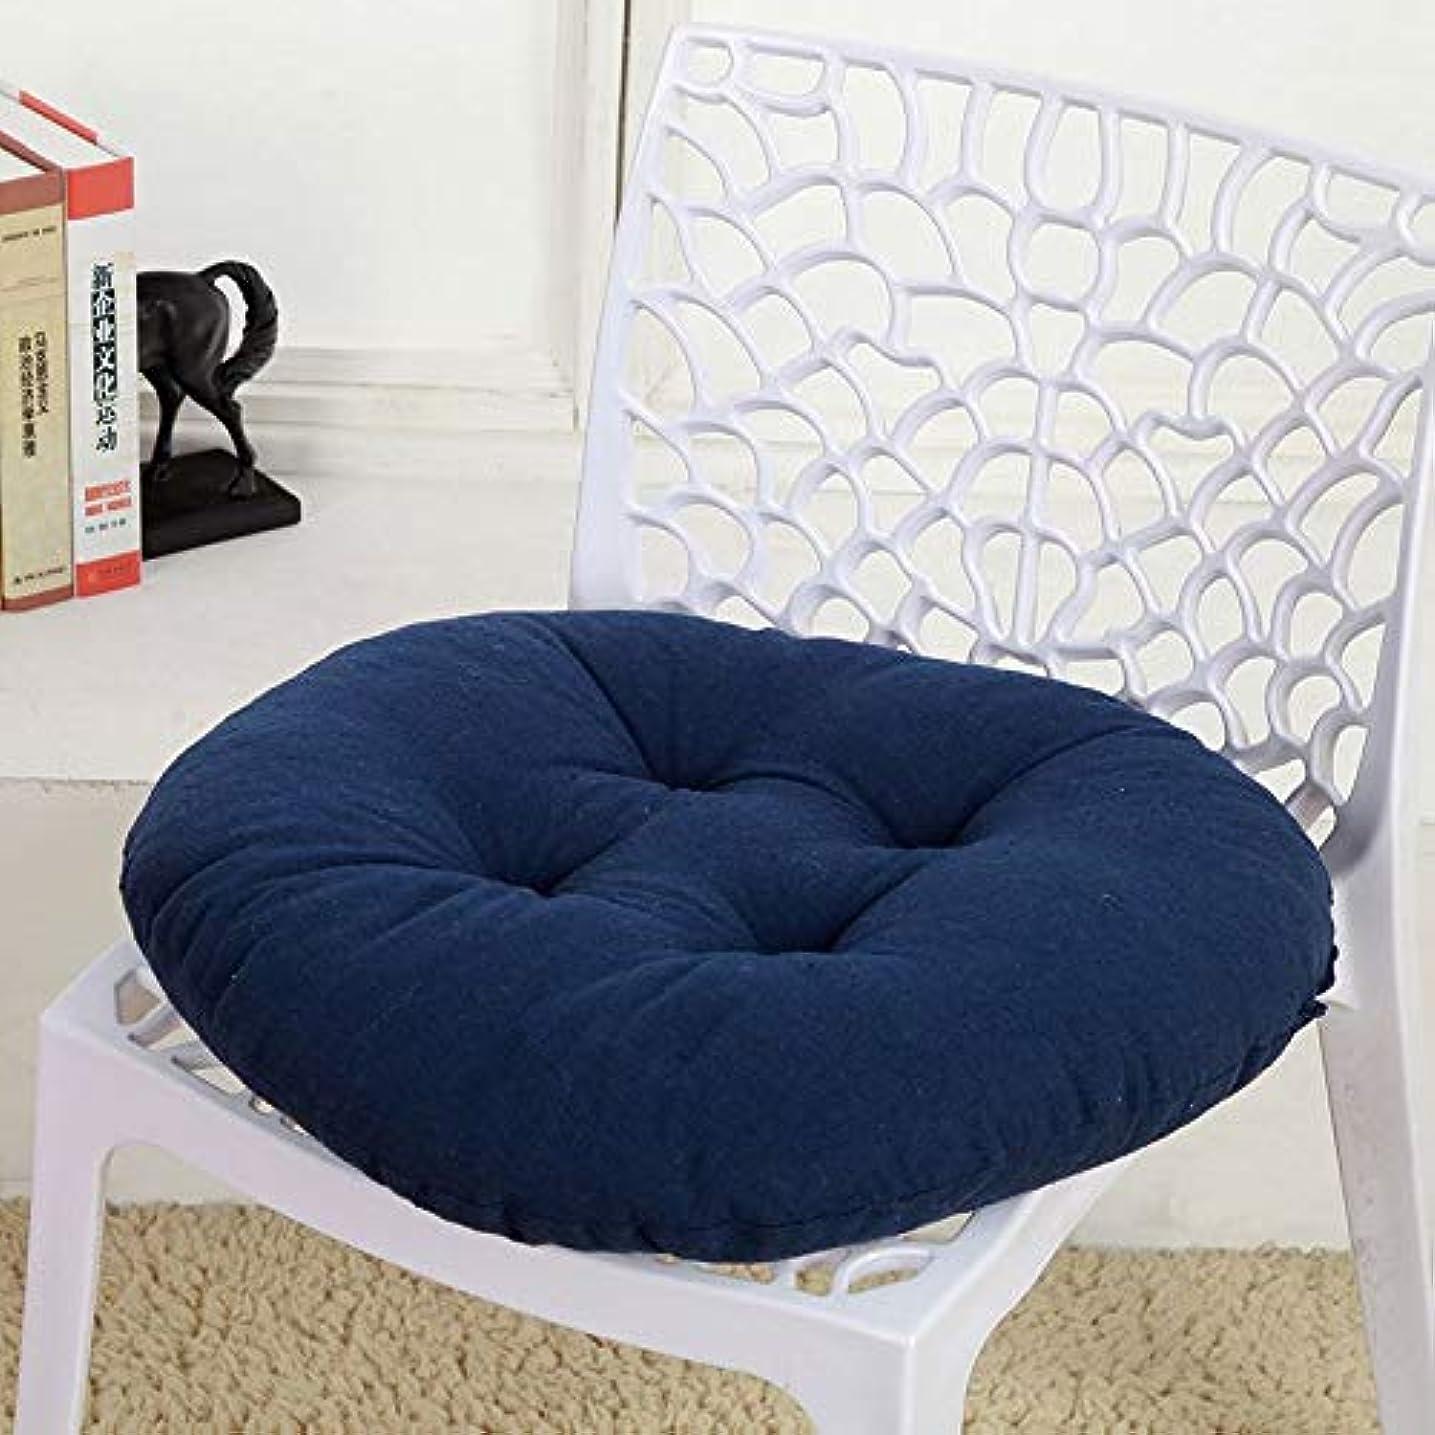 小人推定するであるLIFE キャンディカラーのクッションラウンドシートクッション波ウィンドウシートクッションクッション家の装飾パッドラウンド枕シート枕椅子座る枕 クッション 椅子